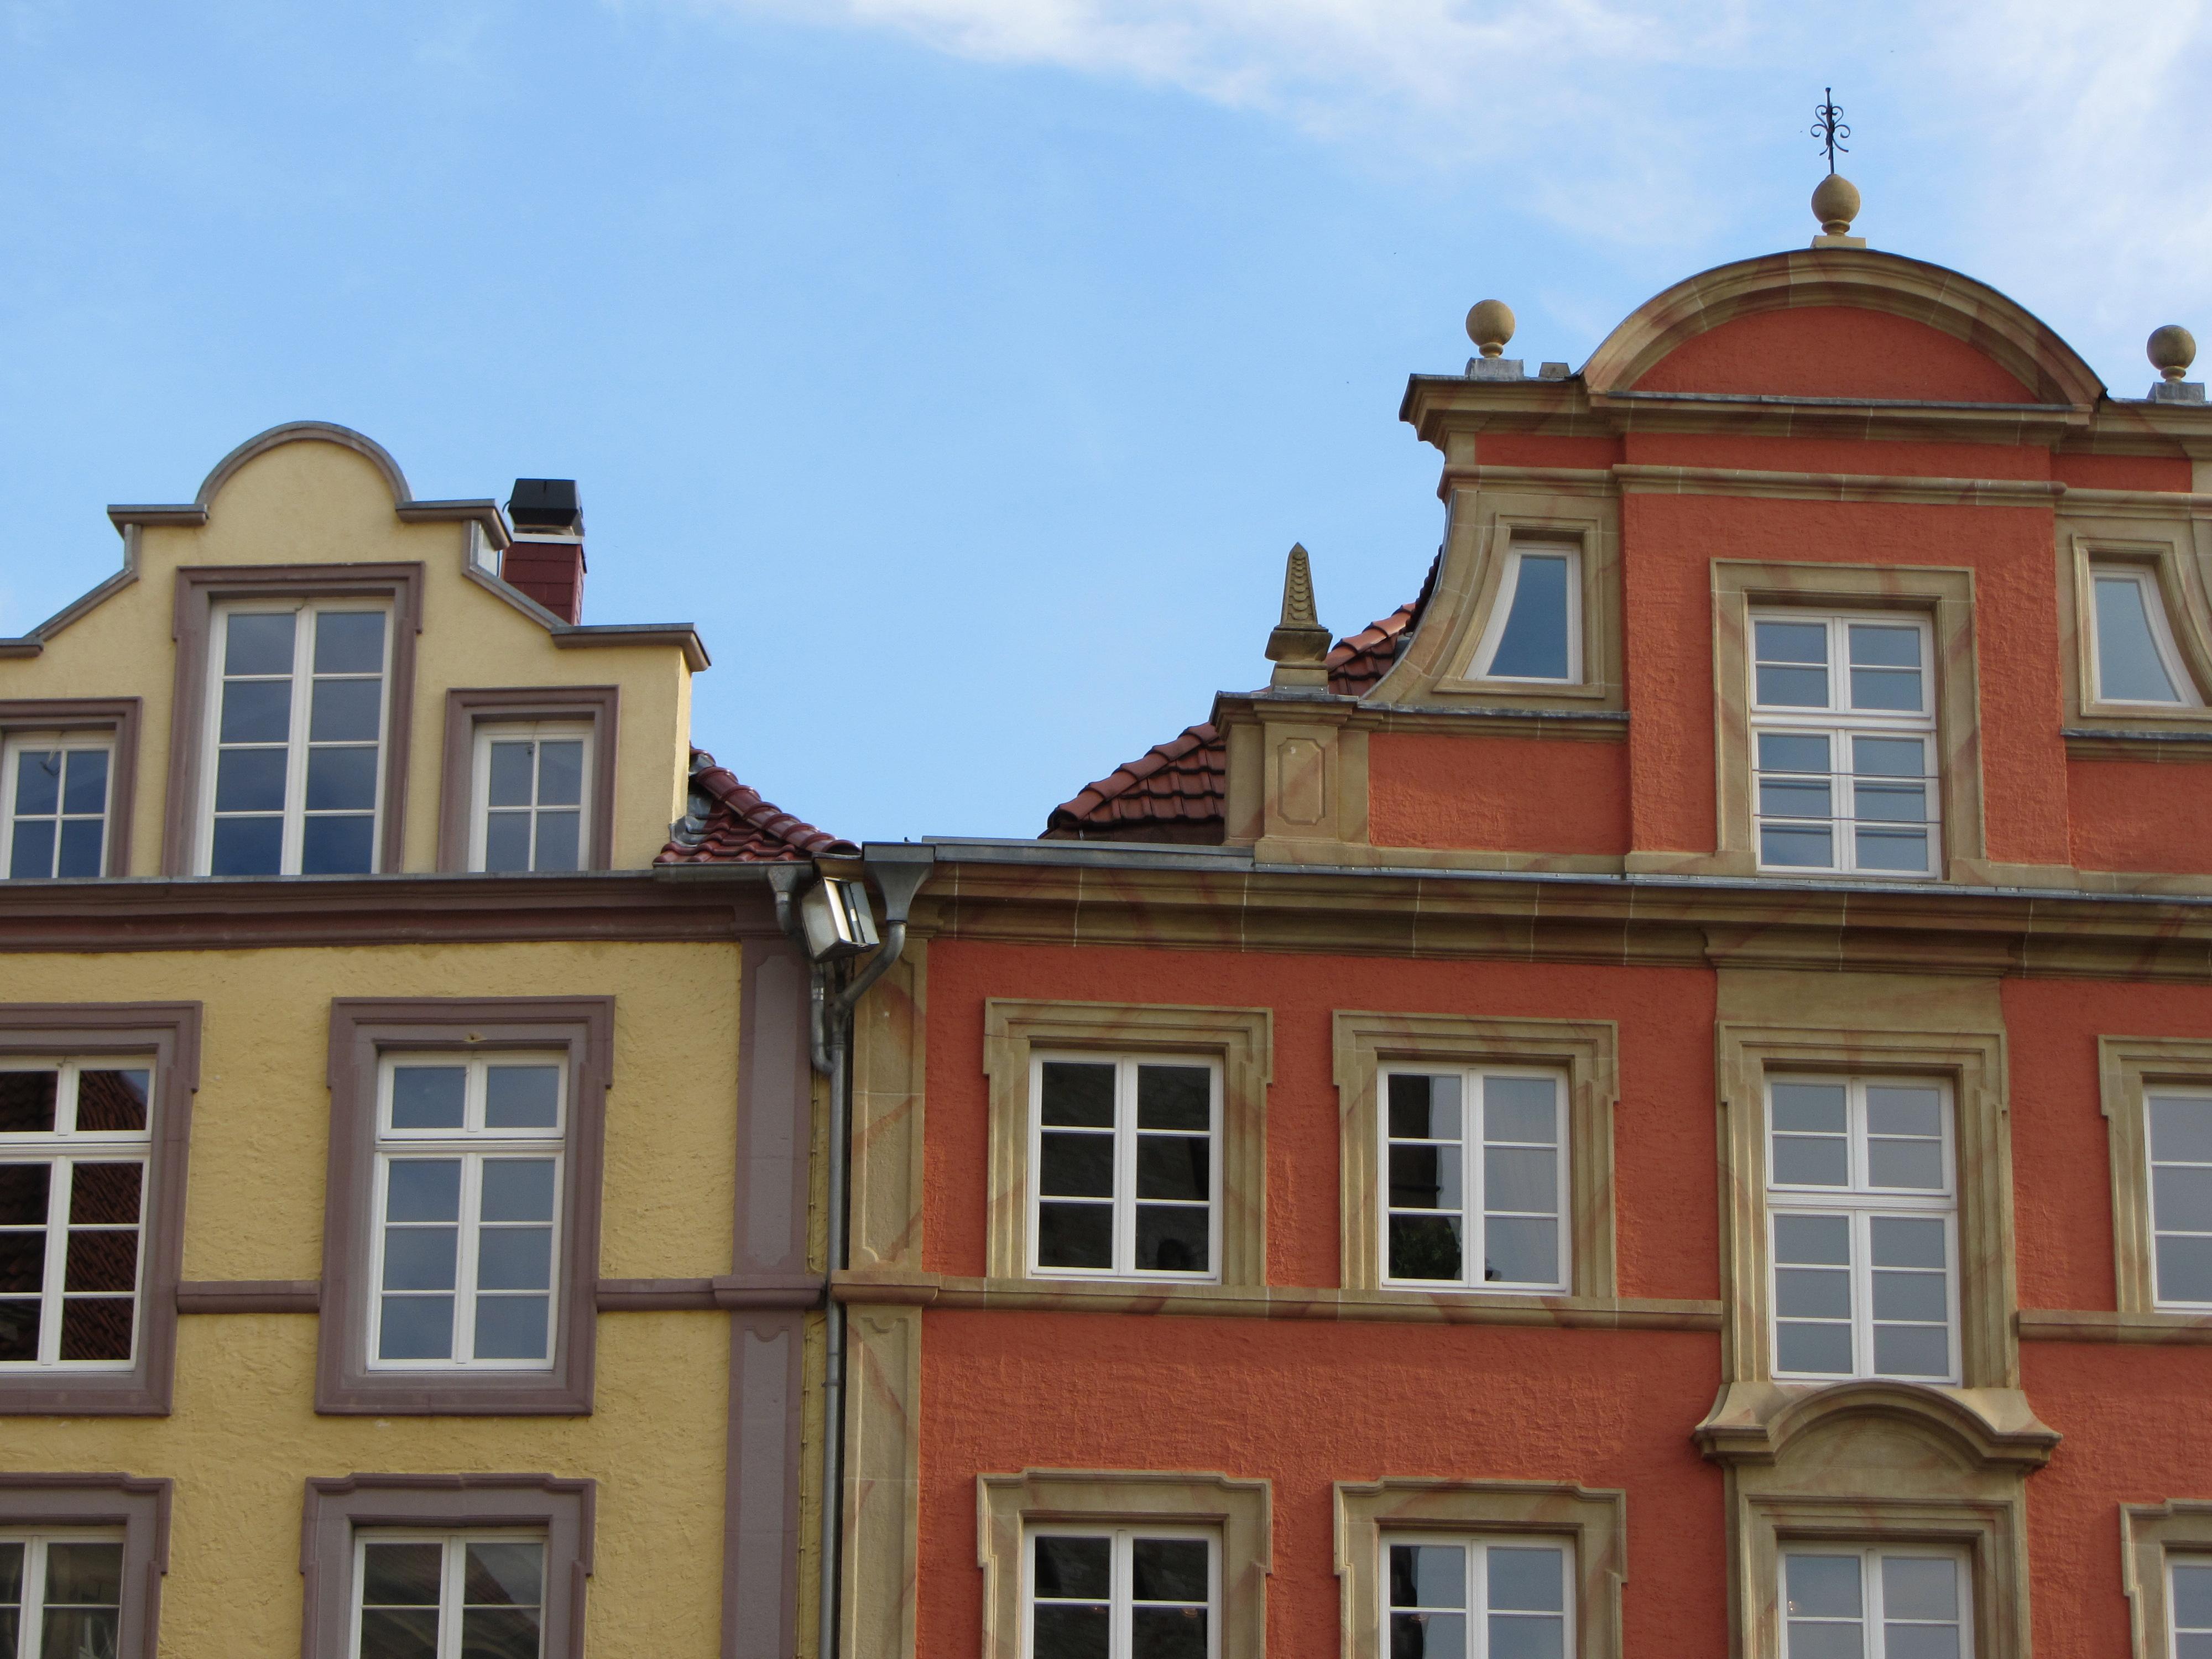 Hotel ohne Kreditkarte in Lippstadt - Agentur für Zimmervermittlung Lippstadt